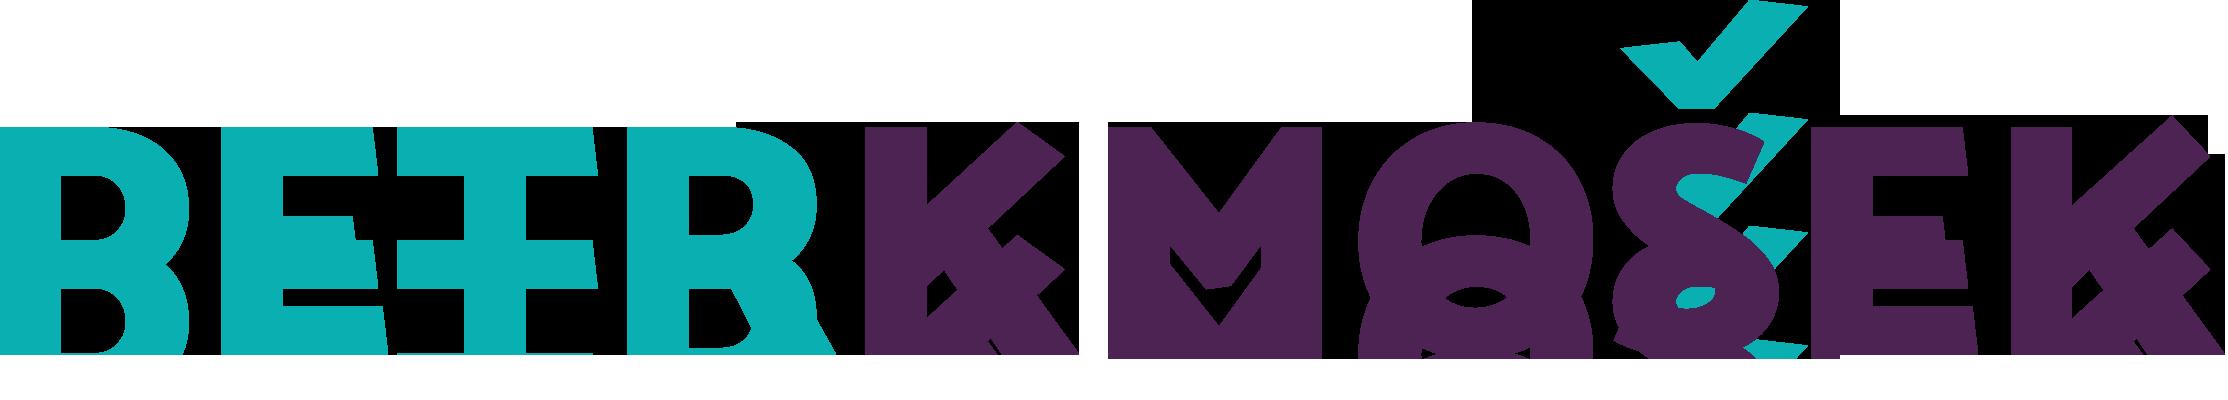 Mgr. Petr Kmošek | Personální auditor a konzultant ■ Personální marketér ■ Výběr a nábor zaměstnanců ☯ Kariérový a kariérní poradce a kouč